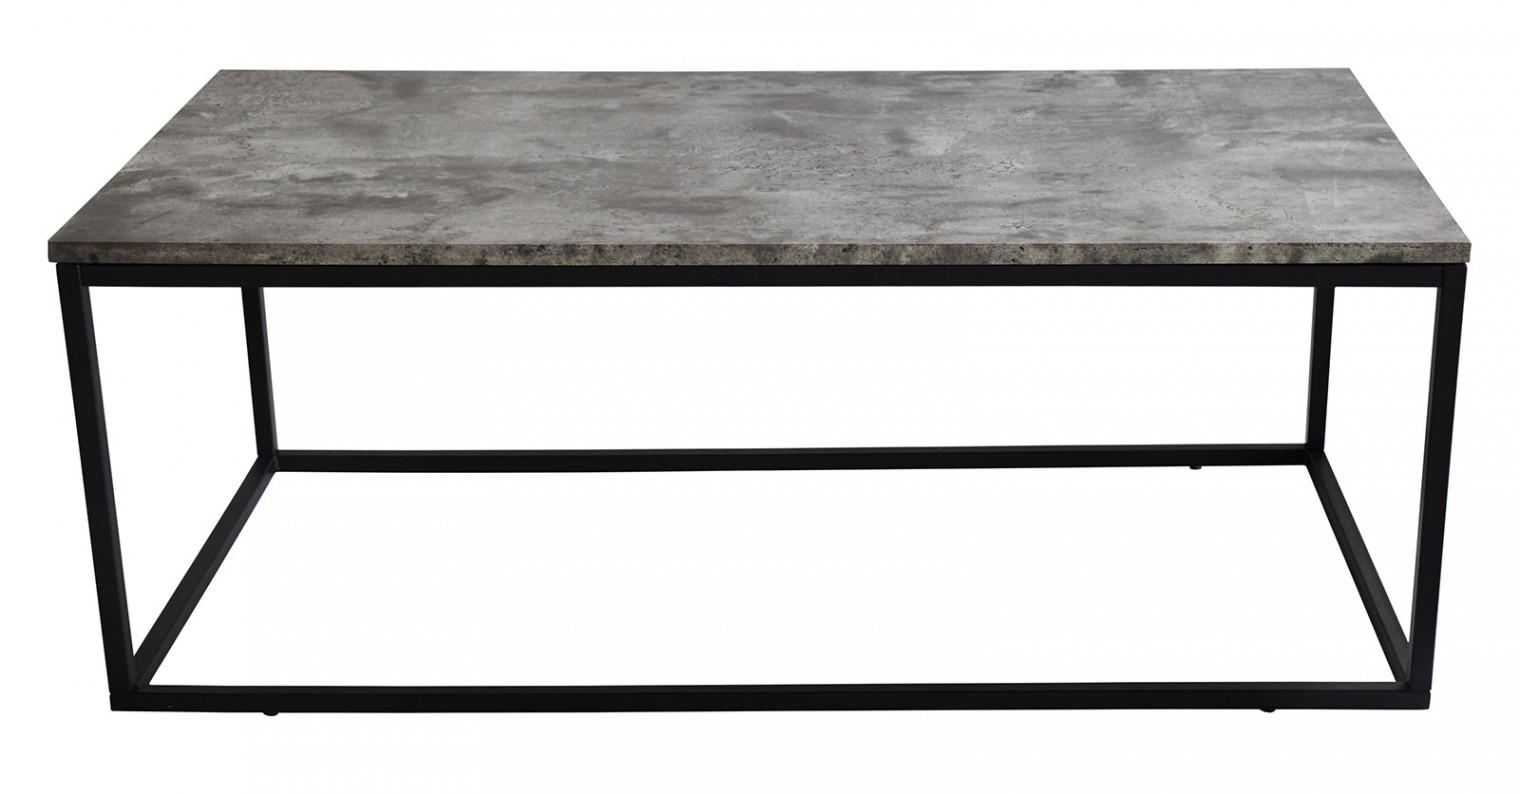 Obývacie izby ZLACNENÉ Beside - Konferenčný stolík, čierne nohy (kov, sklo)